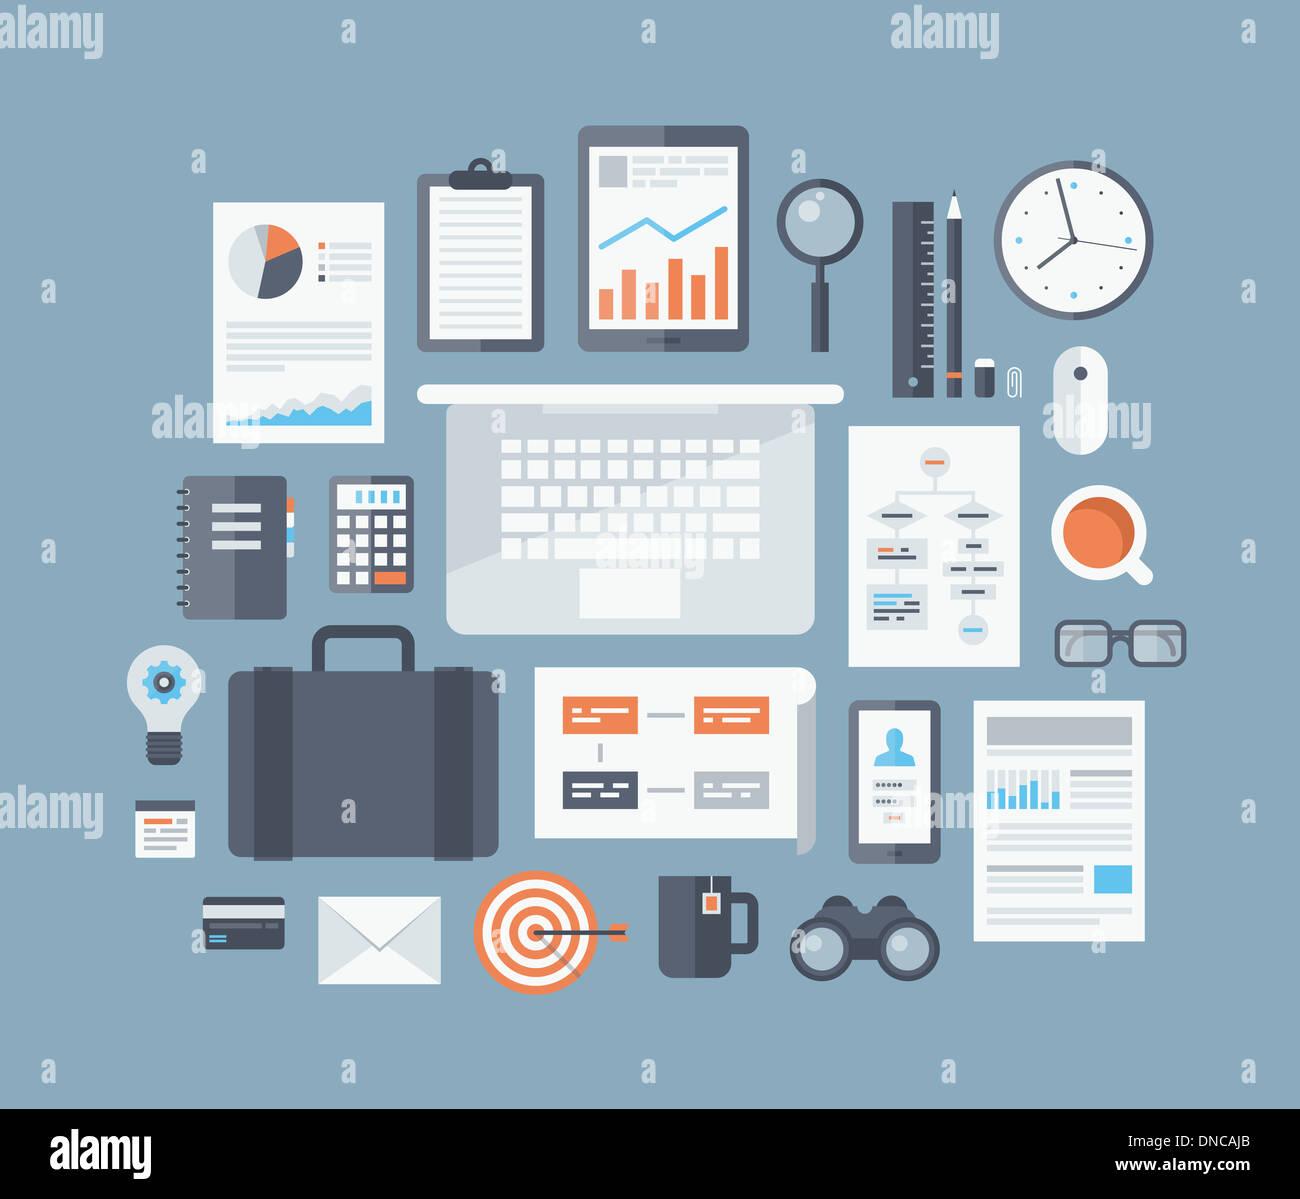 Modernes Design flache Abbildung Konzept von Business Workflow Elemente und Elemente, Büro Dinge und Vorrichtungen Stockbild